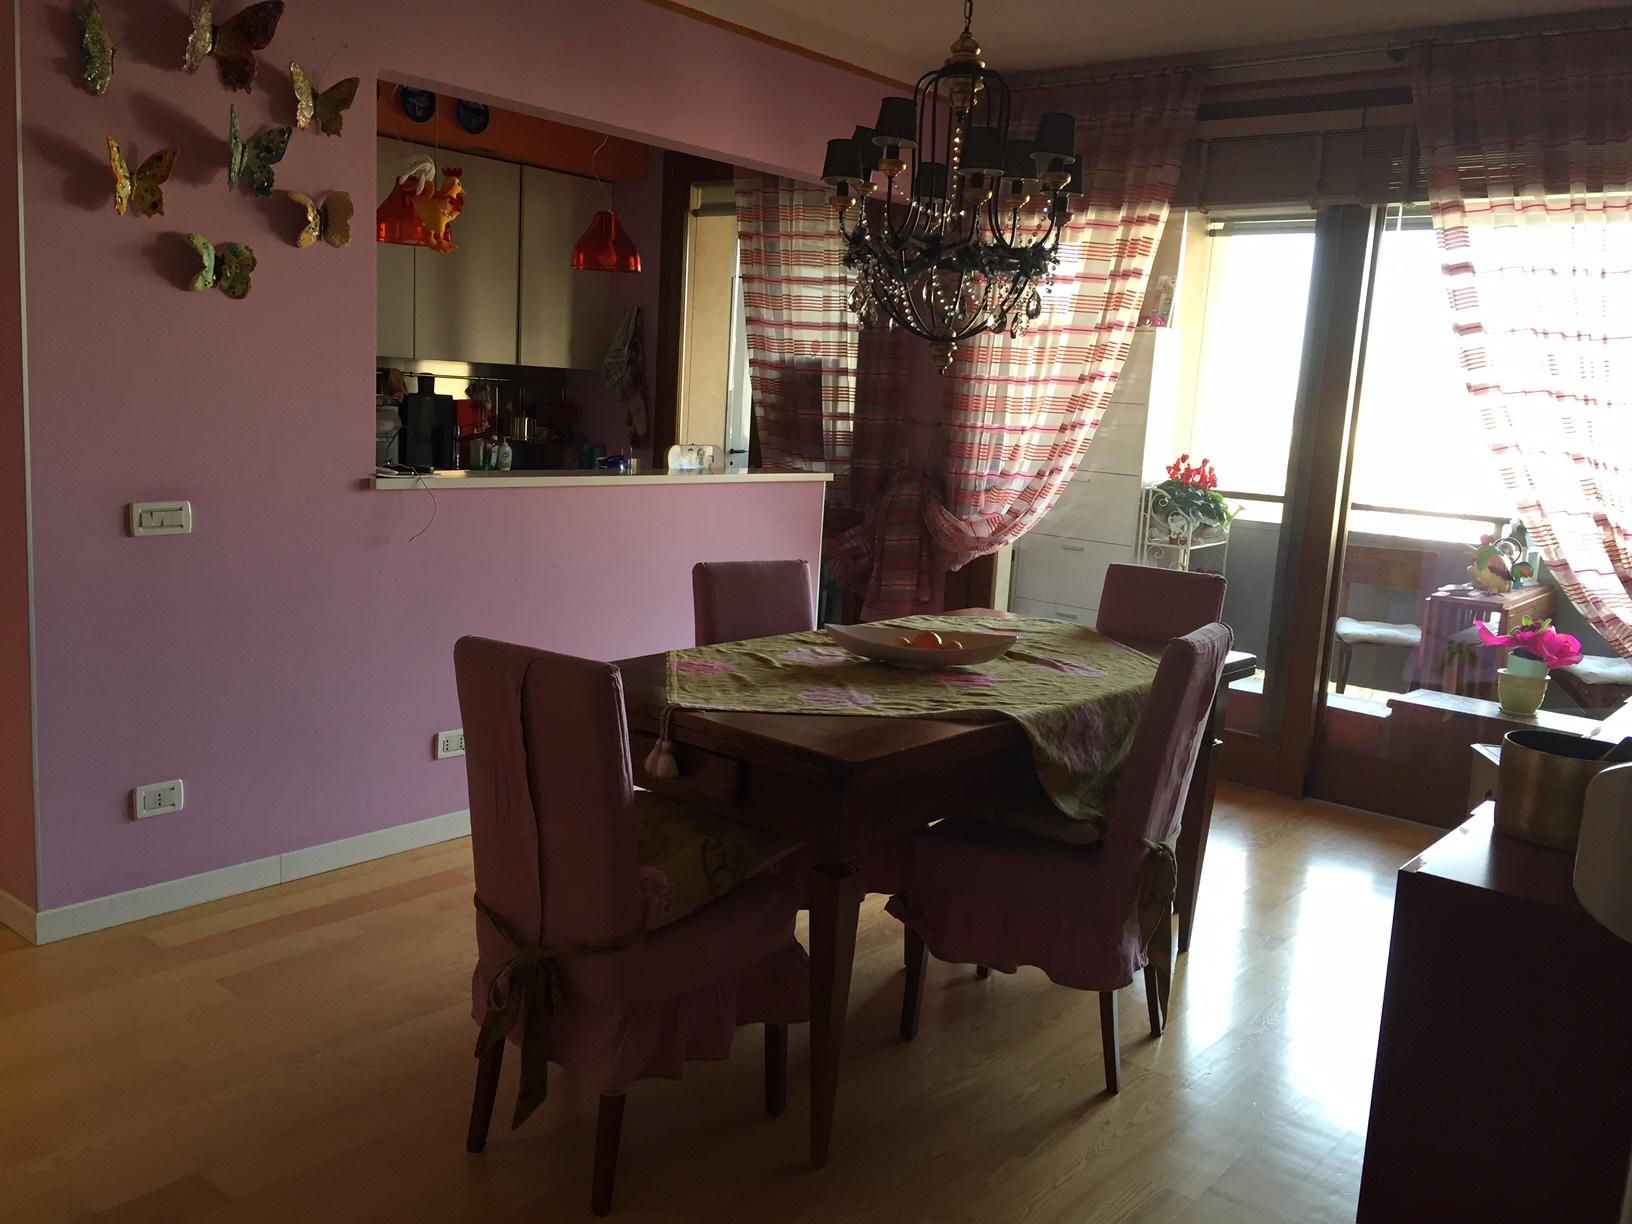 Appartamento in affitto a Santa Lucia di Piave, 6 locali, zona Zona: Sarano, prezzo € 750 | Cambio Casa.it